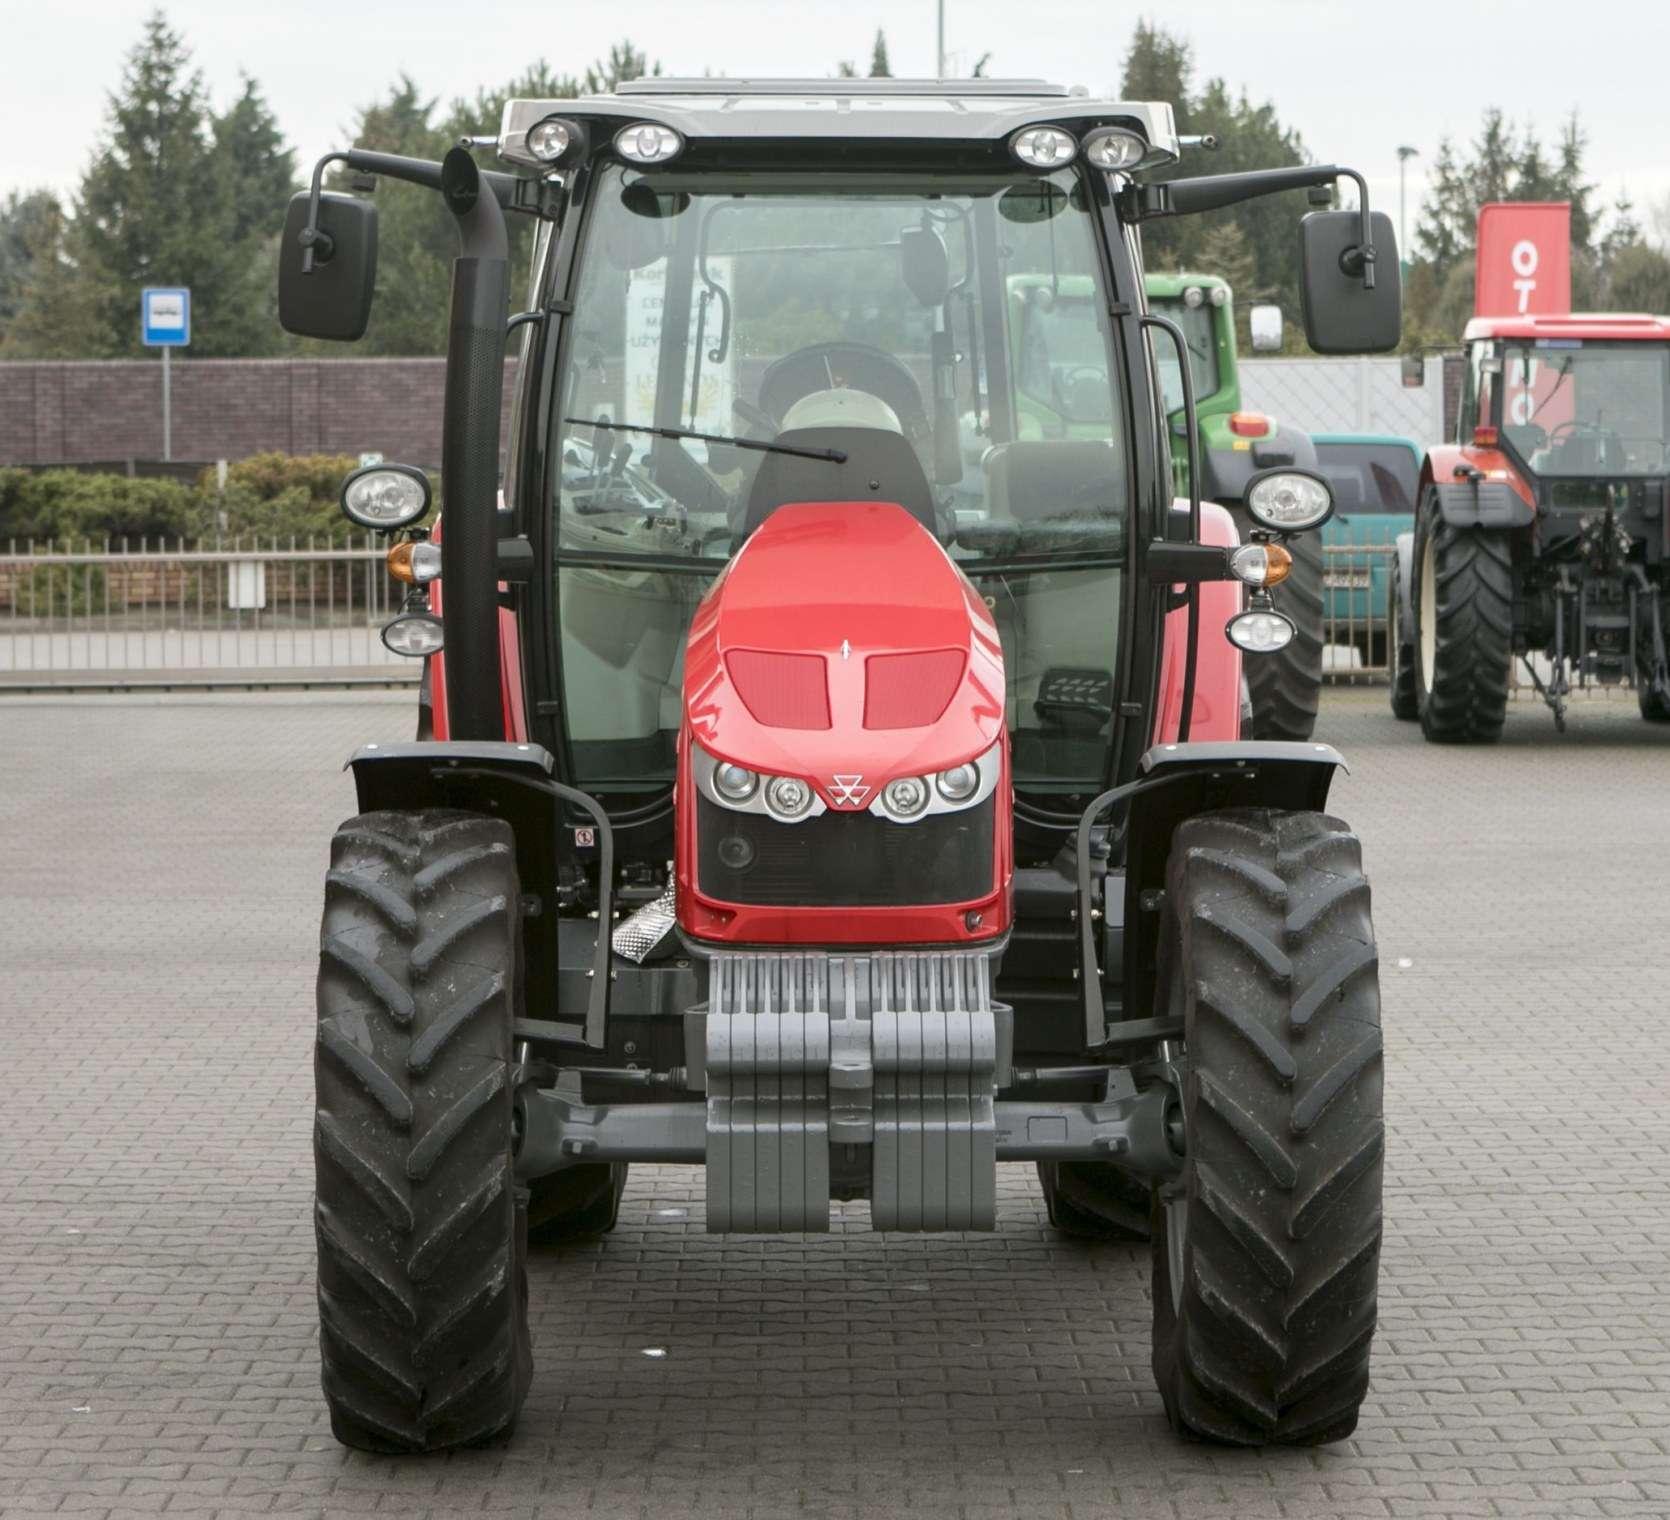 Przód traktora MF 5611 widoczny obciążnik segmentowy